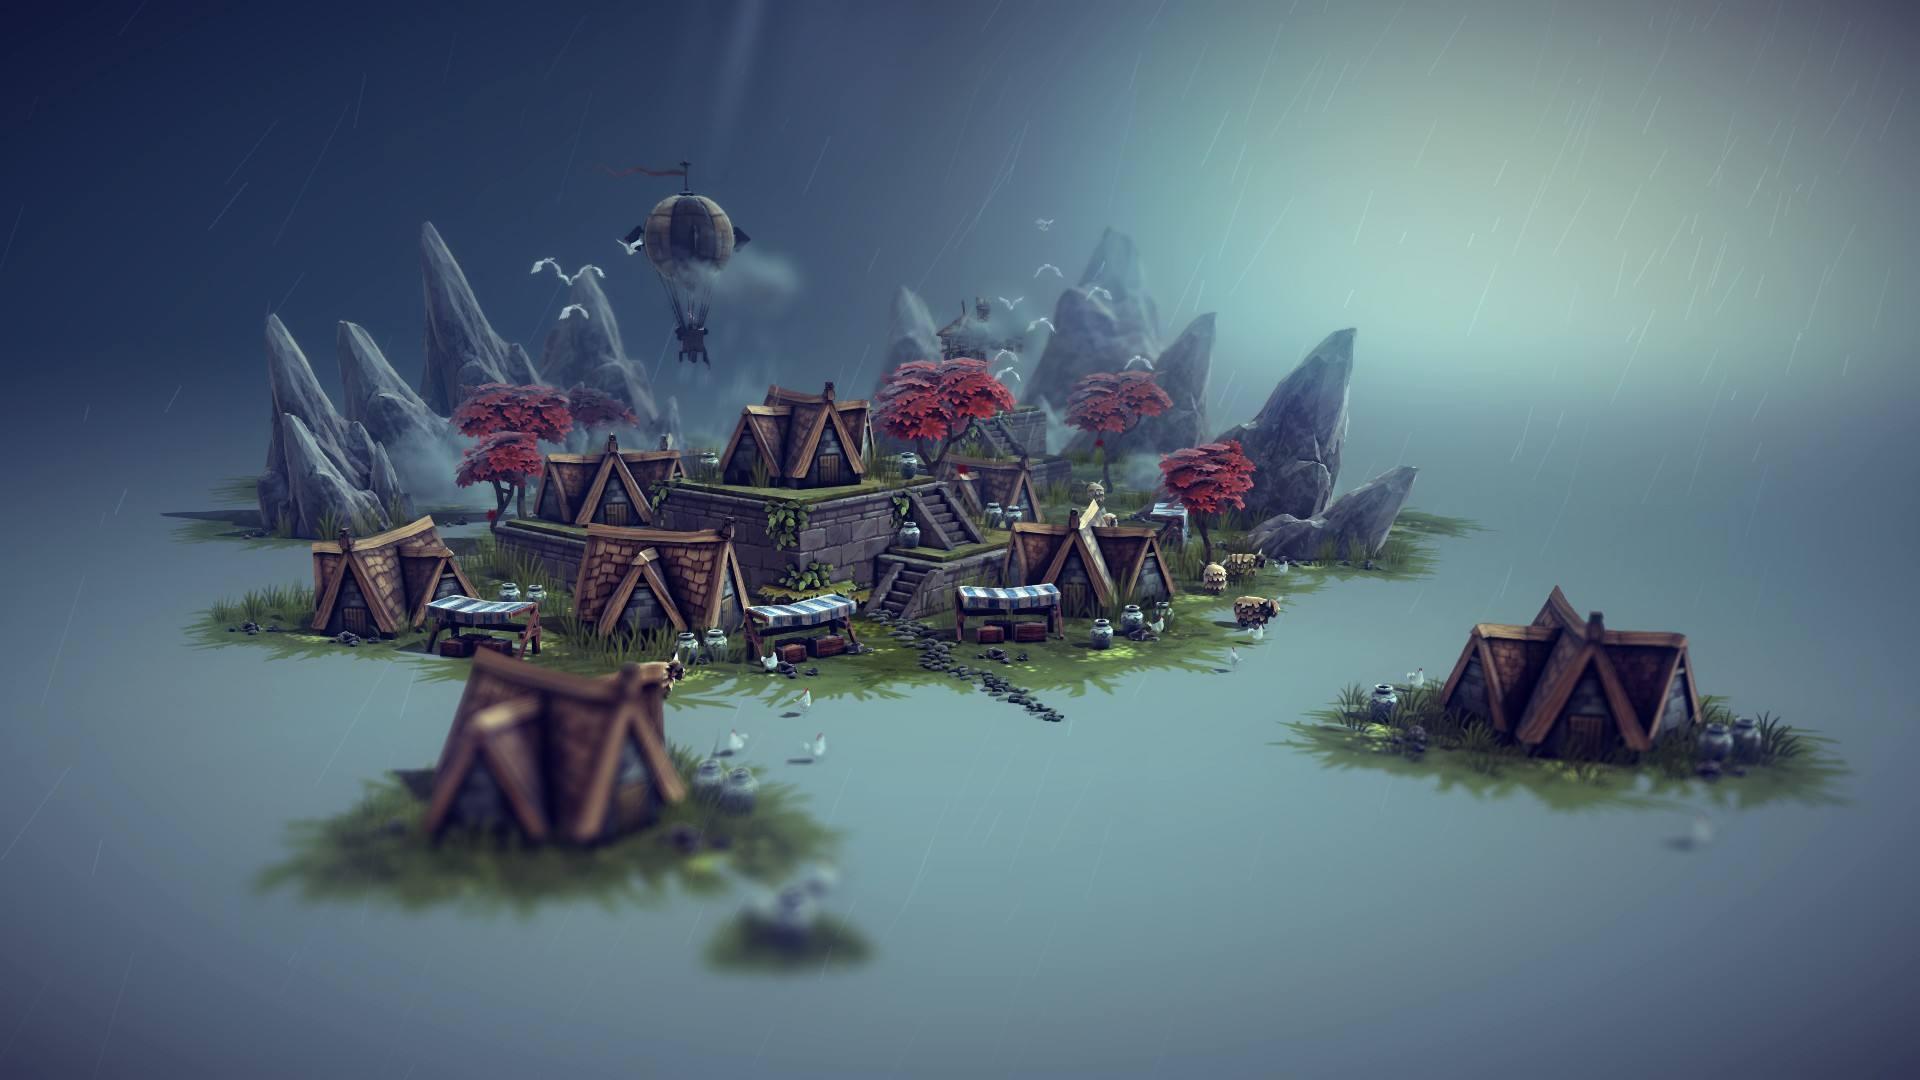 沙盒类游戏推荐:Besiege《围攻》